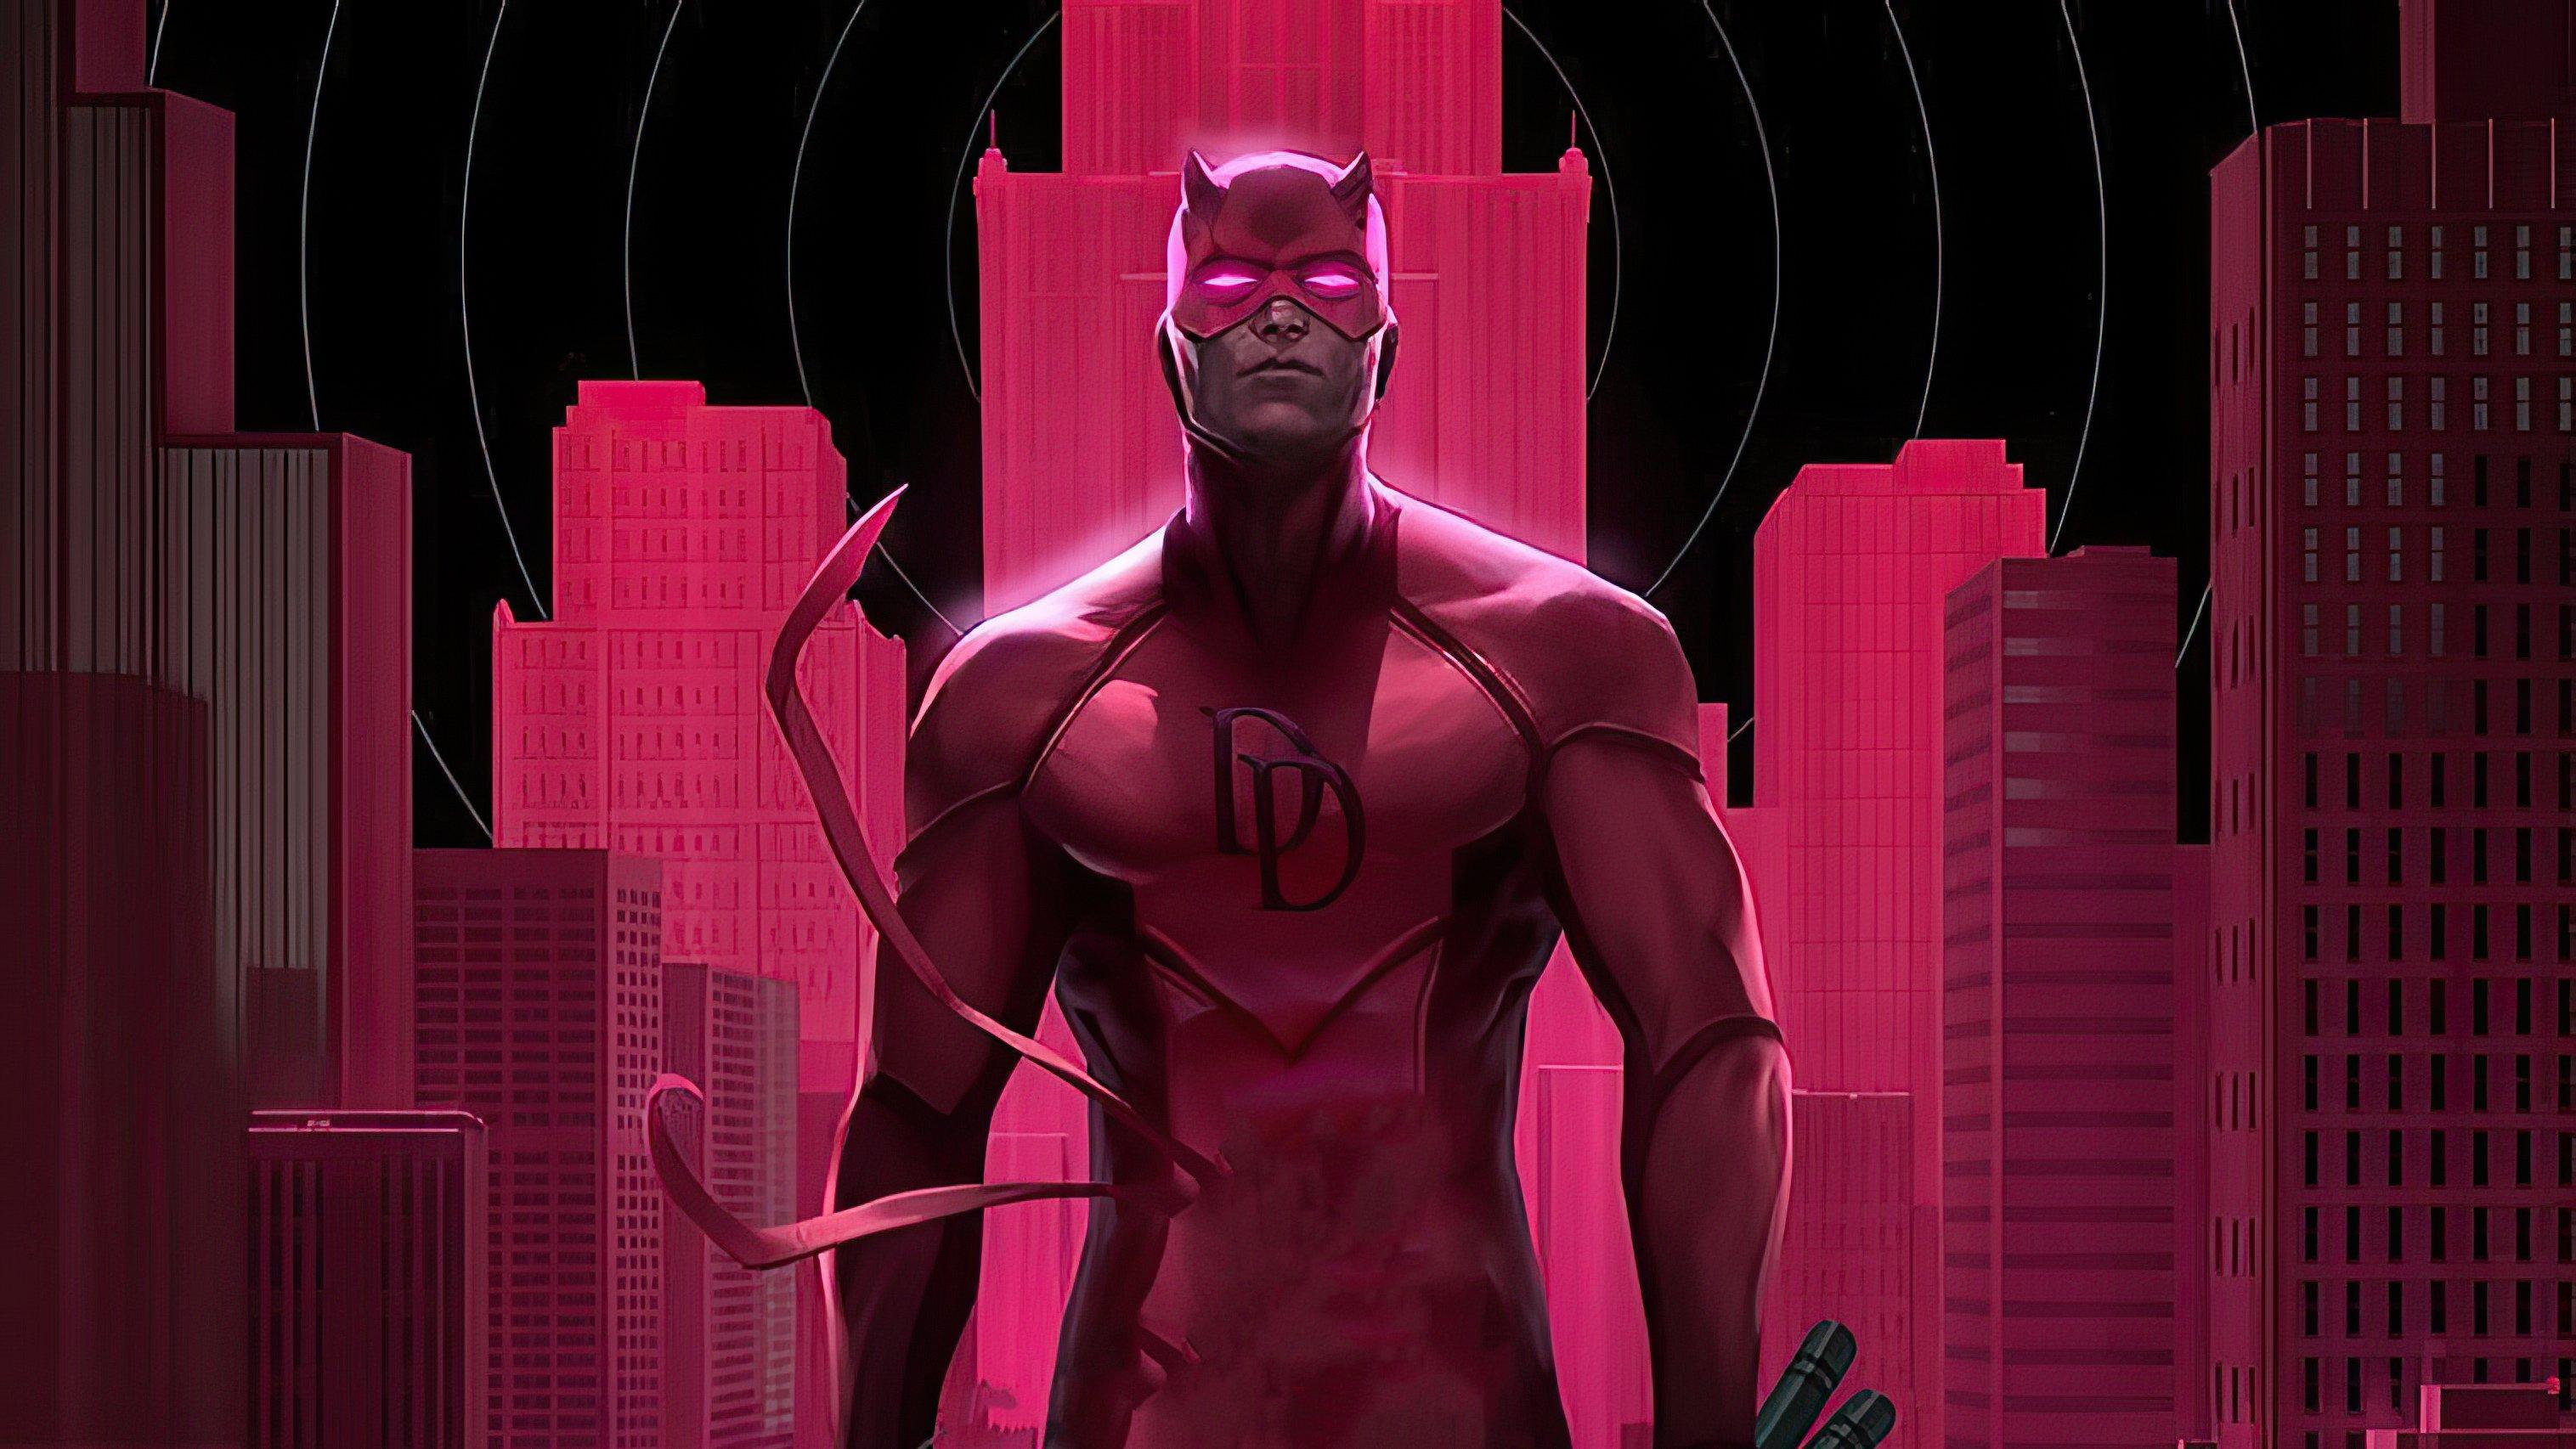 Fondos de pantalla Daredevill en rosa